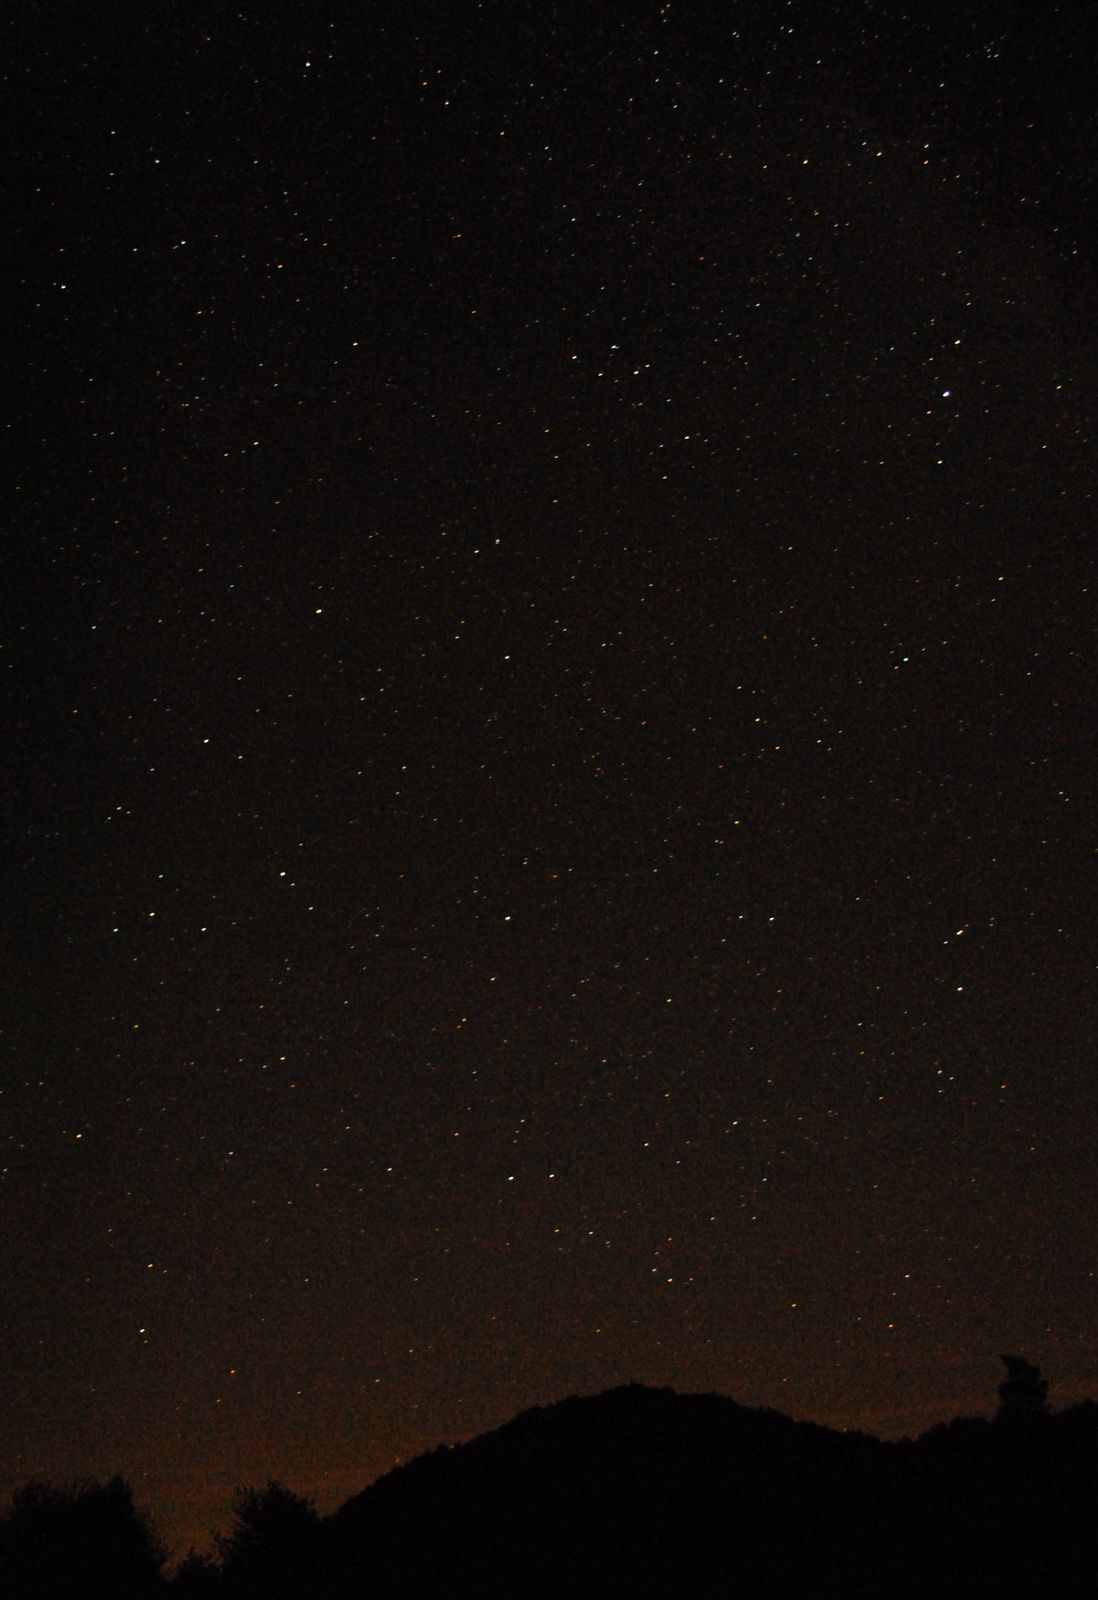 Lichtverschmutzung verursacht durch Hünfeld stört Astronomie und Deepsky Beobachtung in der Rhön bzw im Sternenpark Rhön